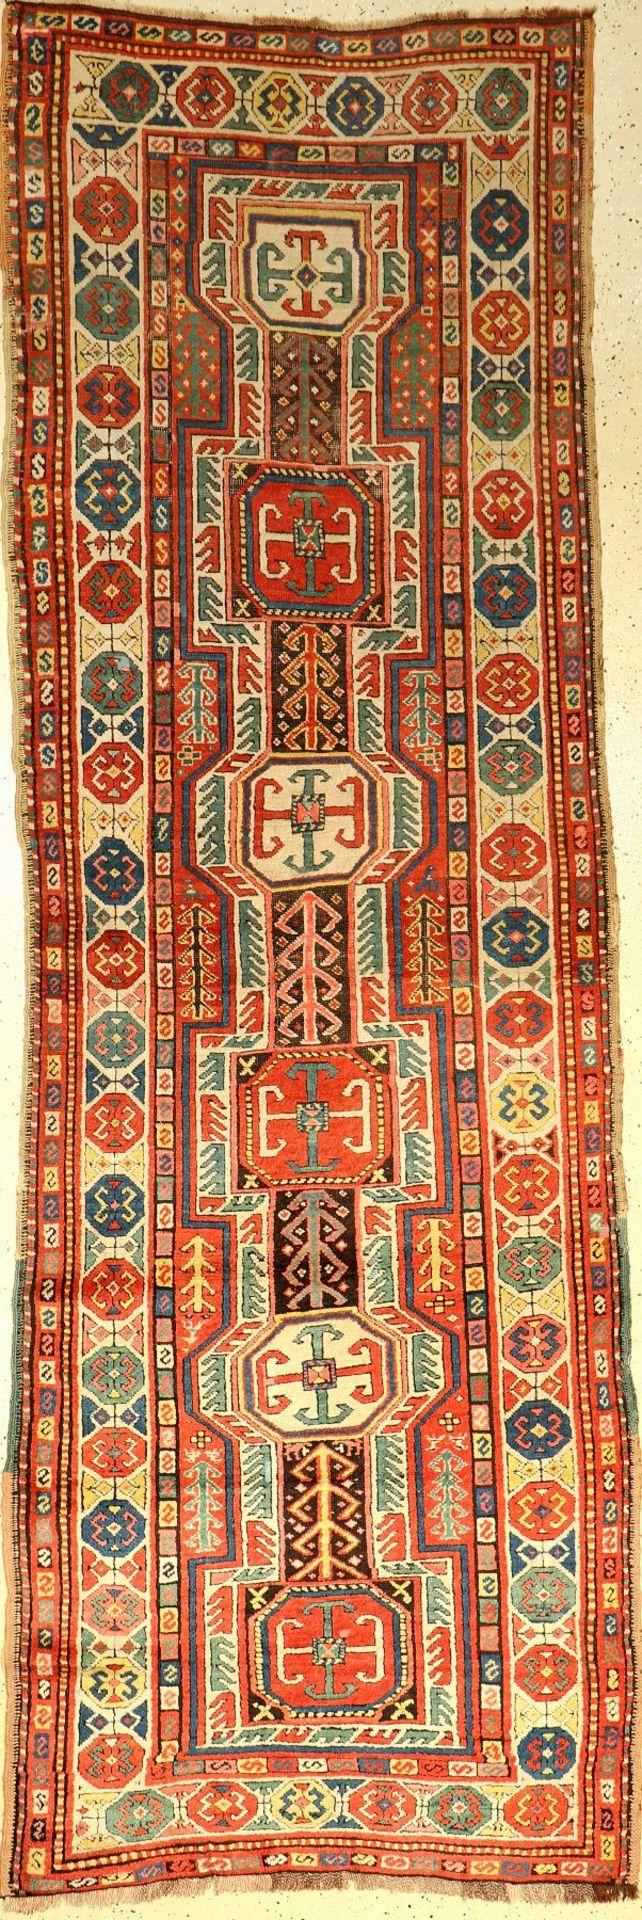 Kasak antik, Kaukasus, um 1890, Wolle auf Wolle, ca. 317 x 111 cm, Schildmuster, EHZ: 2-3Antique